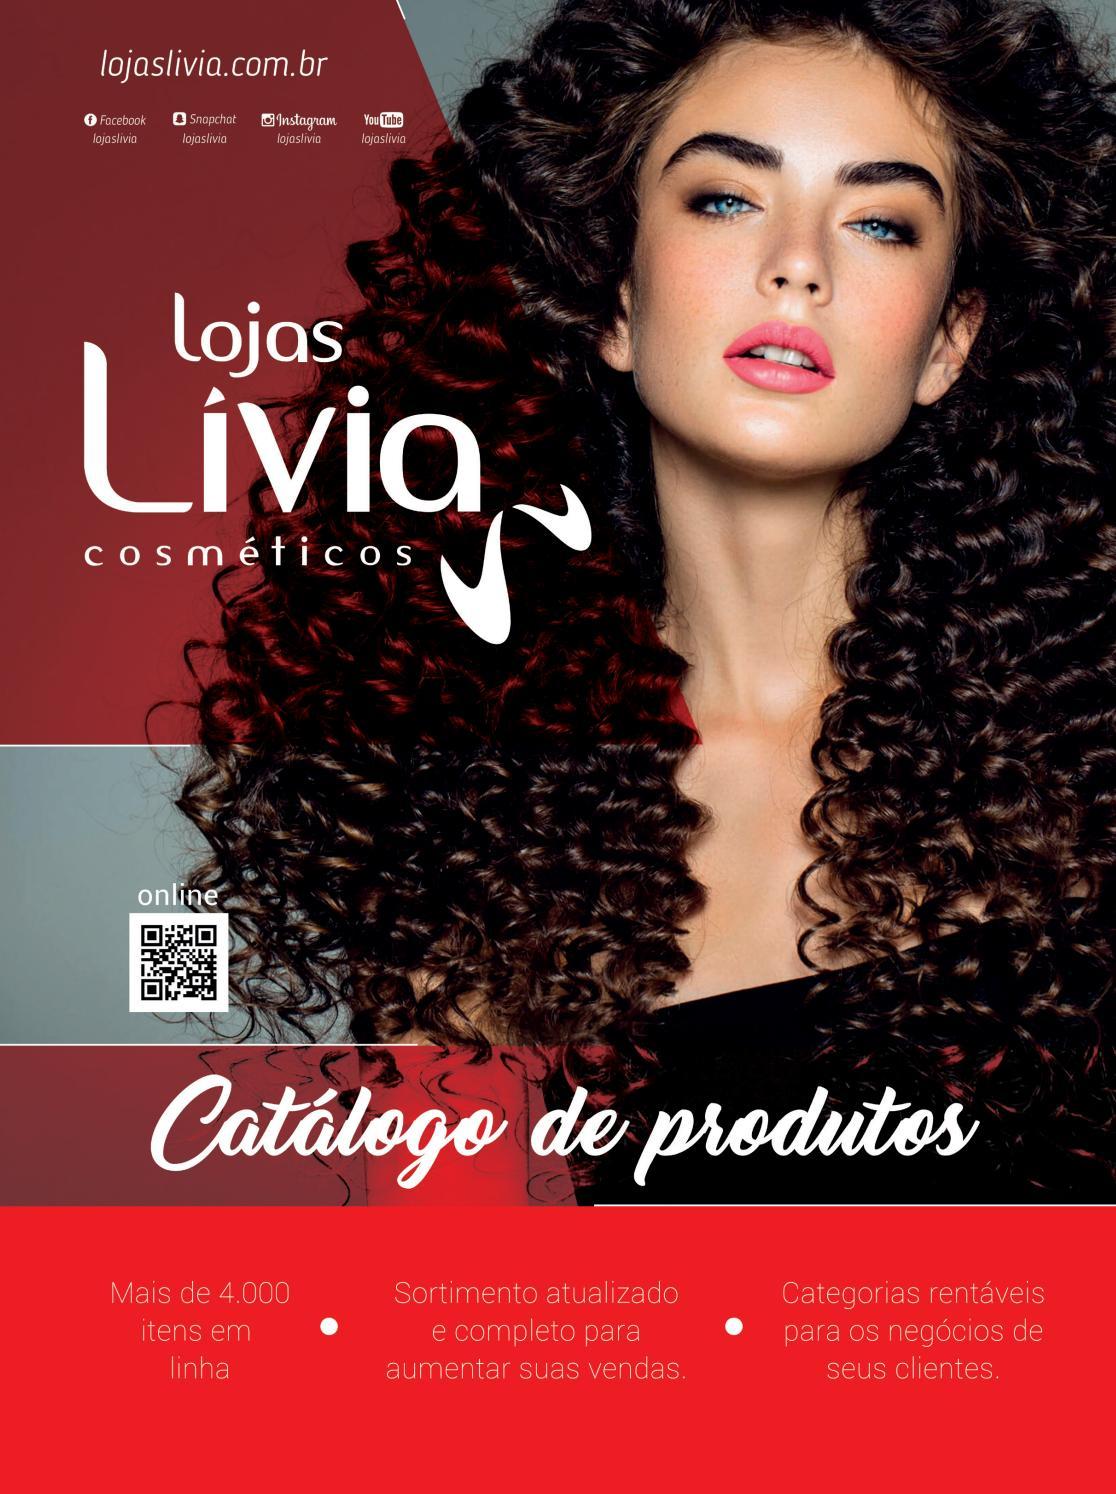 fa31e818e52 Catálogo Lojas Lívia 2017 by Newbasca - issuu